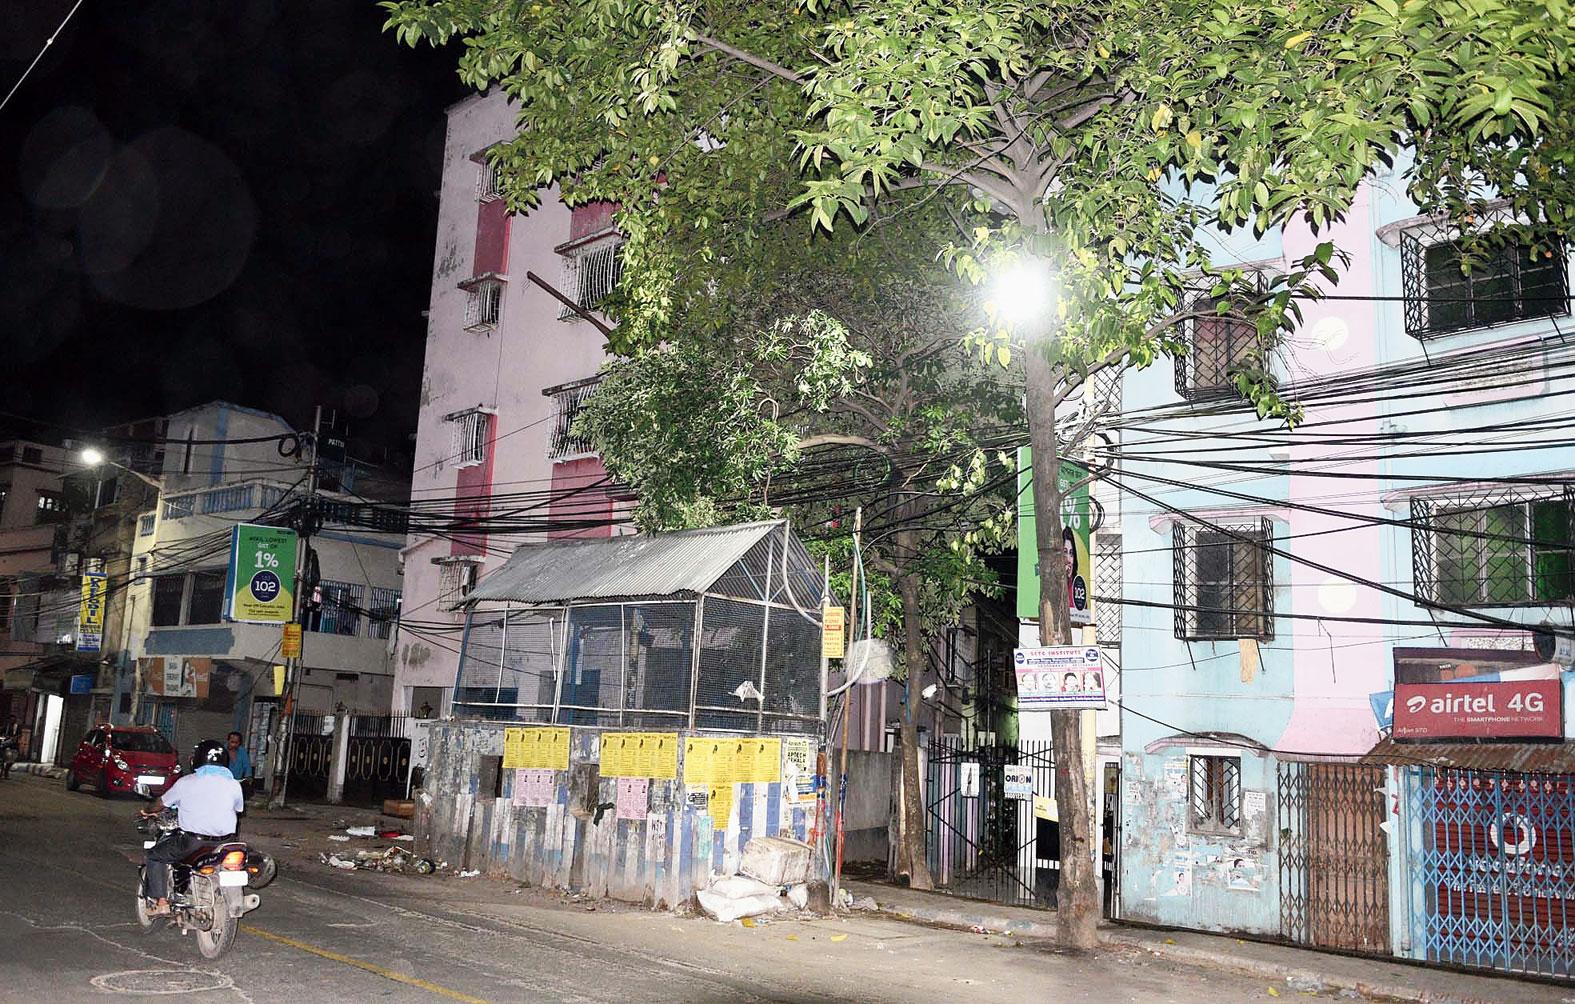 Street lights shine bright outside Rabin Datta's house in Behala on Thursday evening.